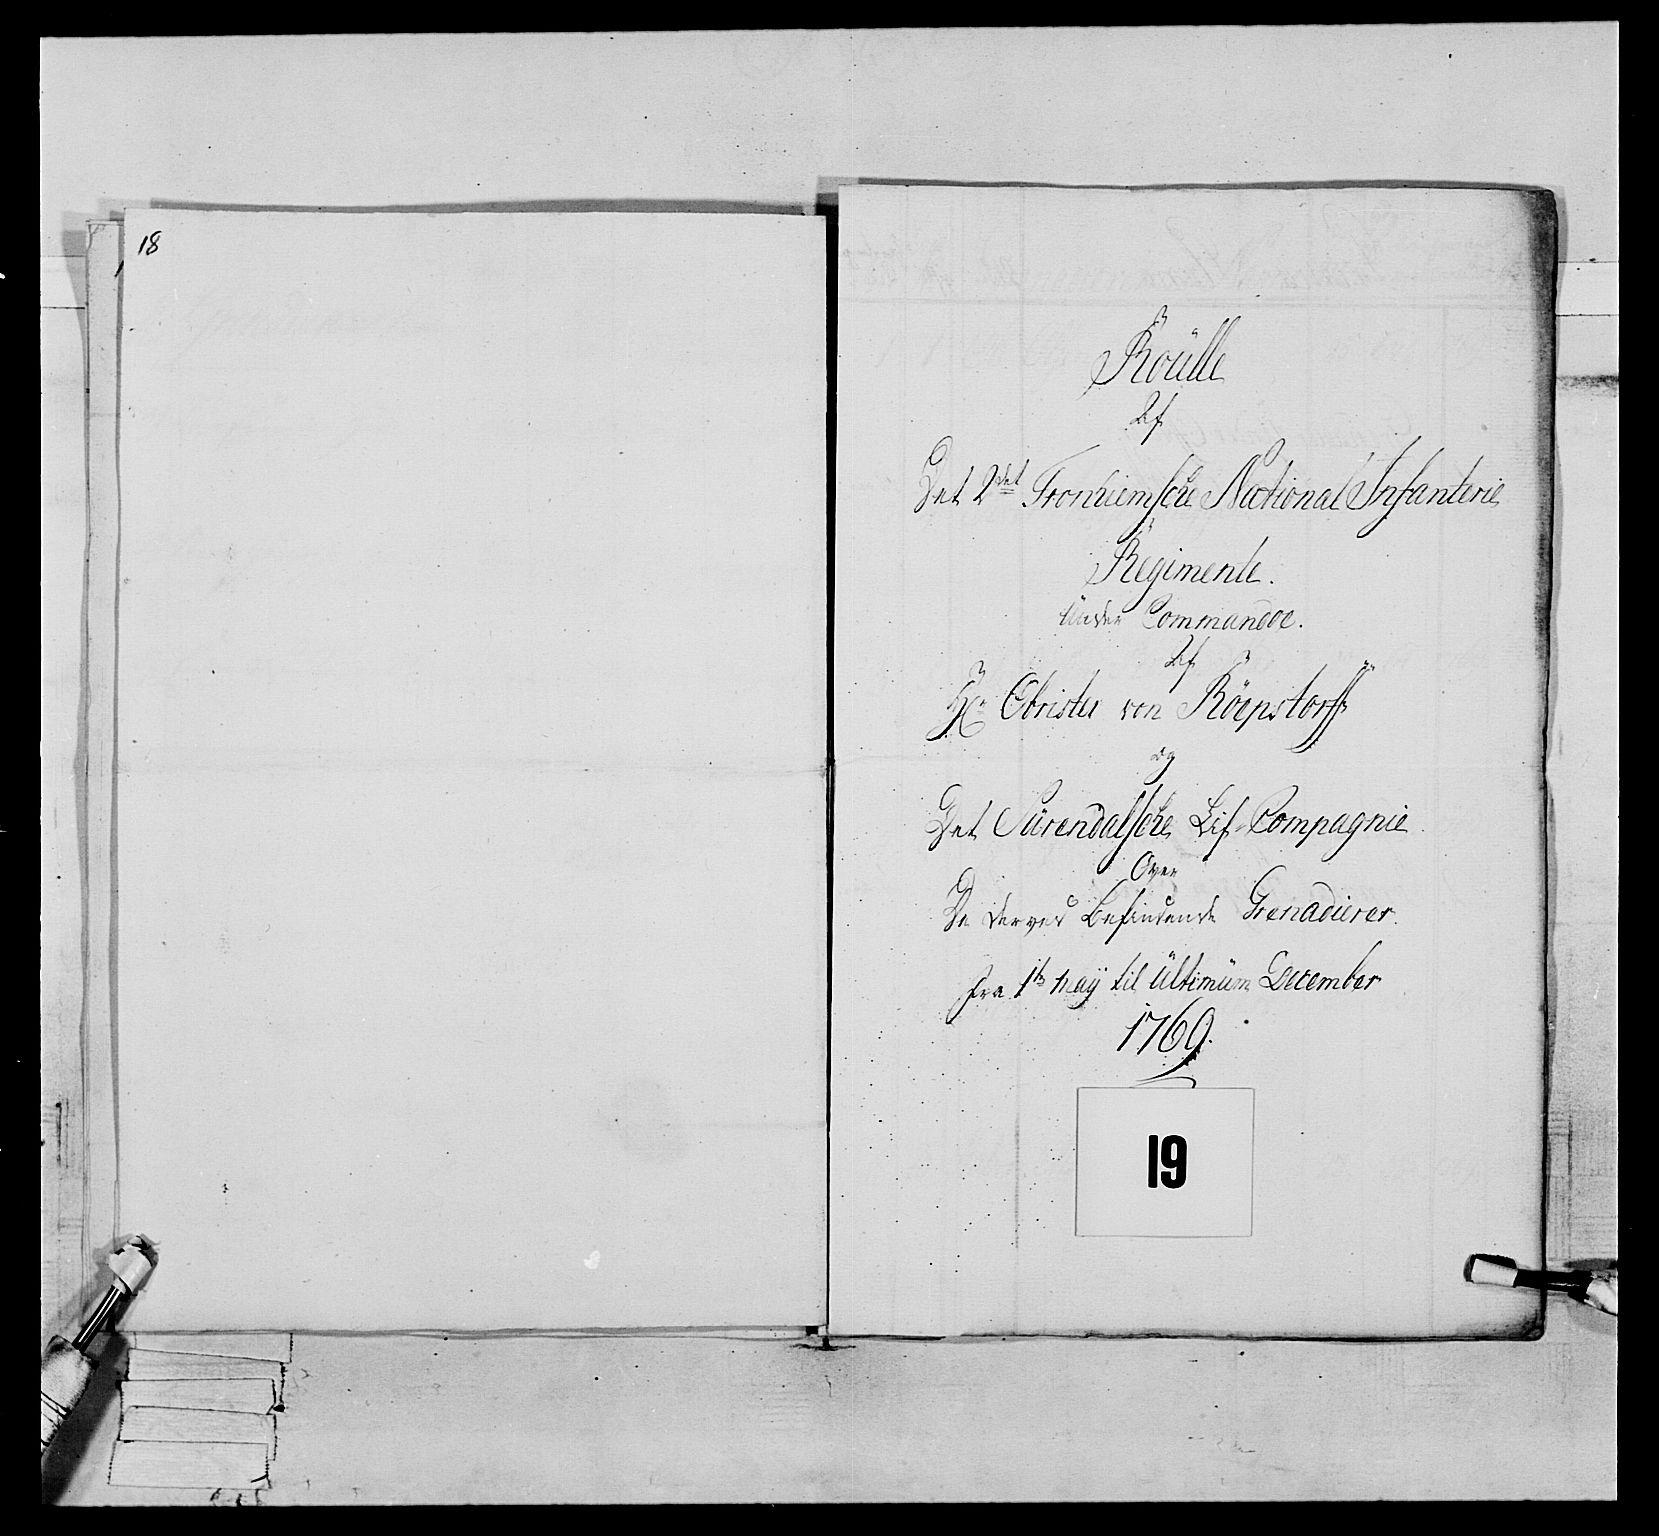 RA, Generalitets- og kommissariatskollegiet, Det kongelige norske kommissariatskollegium, E/Eh/L0076: 2. Trondheimske nasjonale infanteriregiment, 1766-1773, s. 38